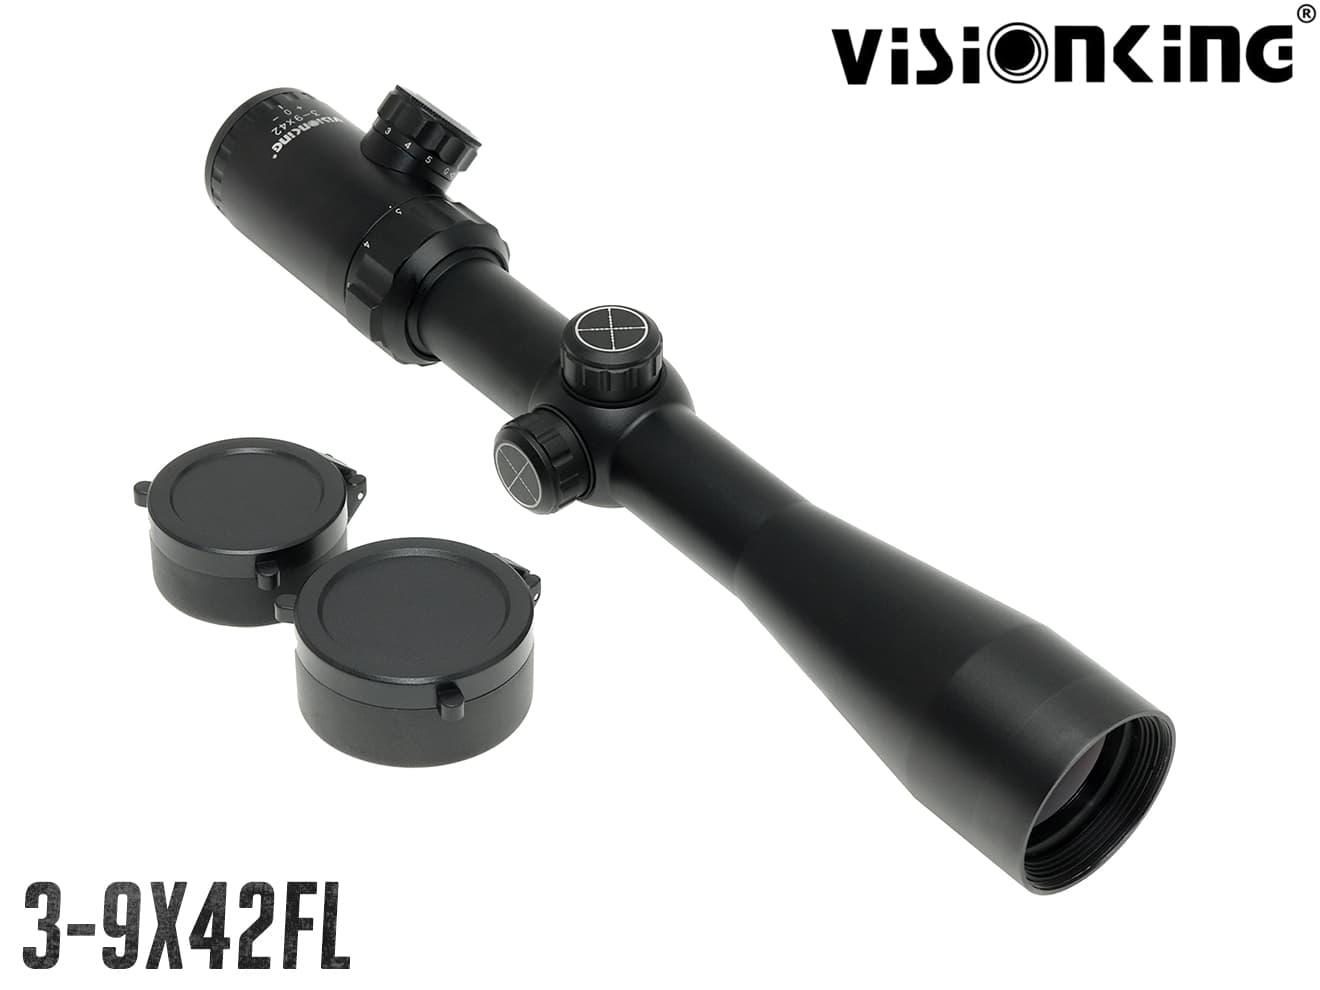 VISION KING 3-9x42FL ジャーマンスペック ライフルスコープ Gen1 w/イルミネーション ナイトロイン◆実銃対応 ドイツ限定モデル コスパ◎